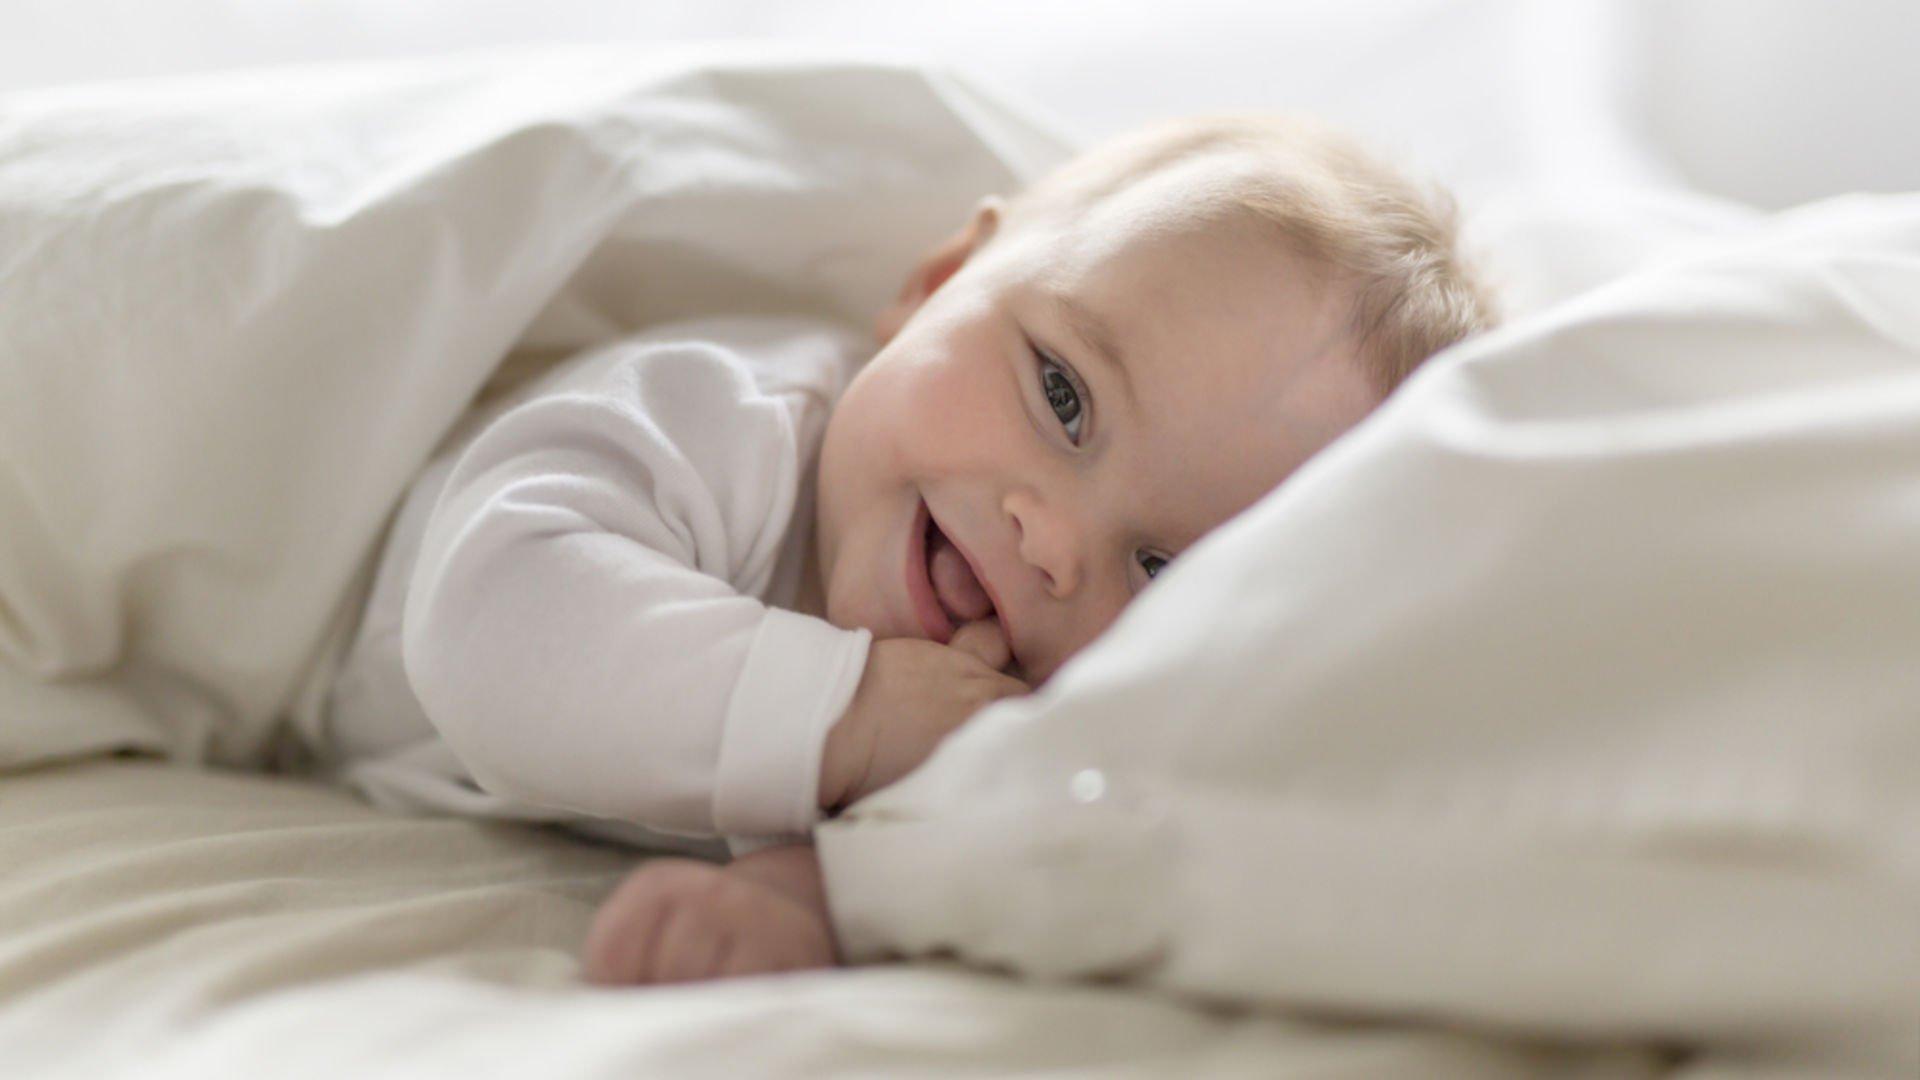 Bebekler neden hıçkırır? | Anne - Baba